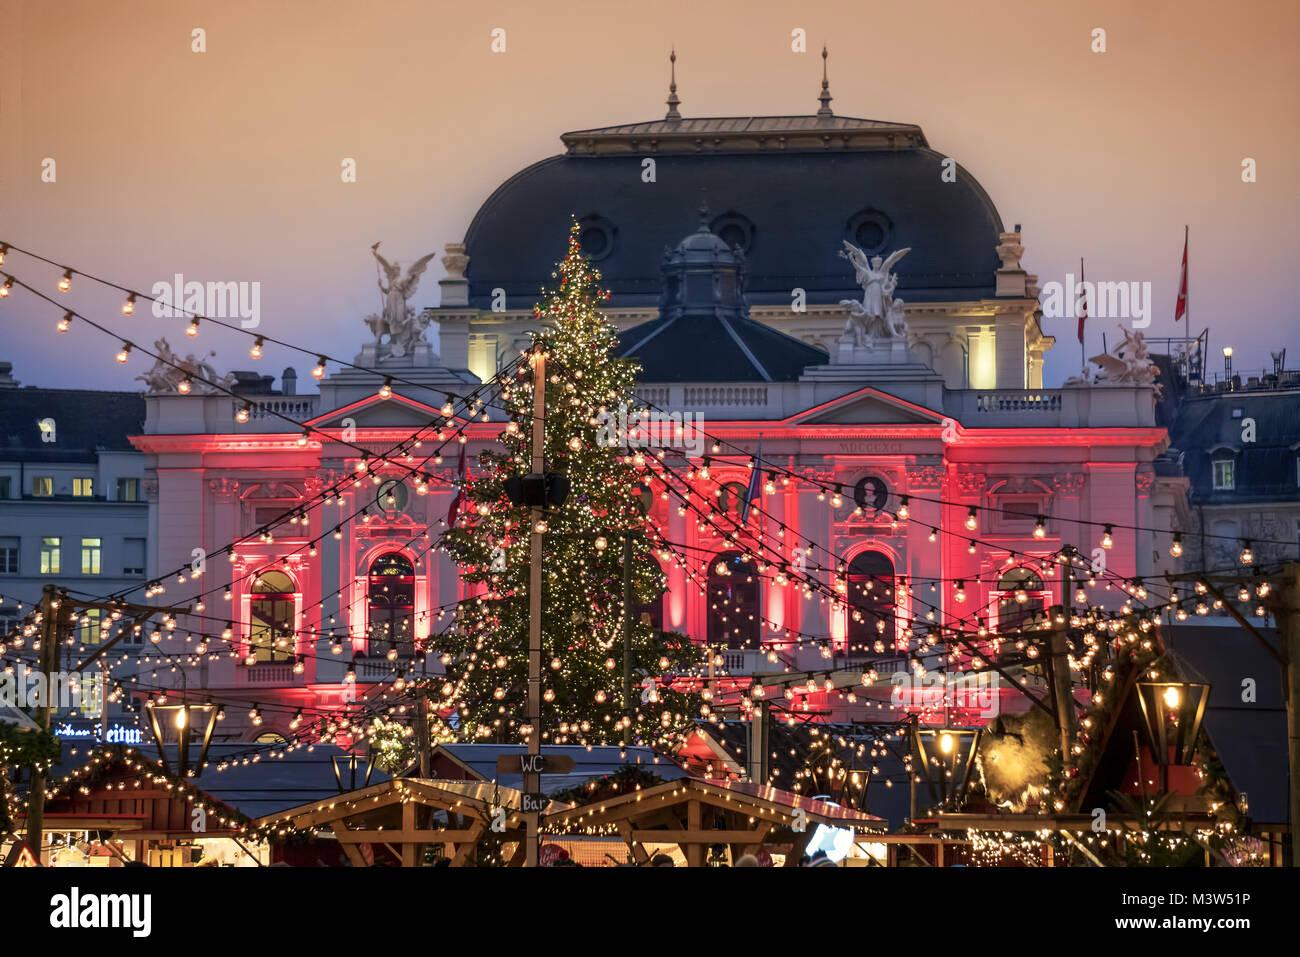 Weihnachtsmarkt Zürich.Weihnachtsmarkt Sechselaeuten Square Opera Zürich Schweiz